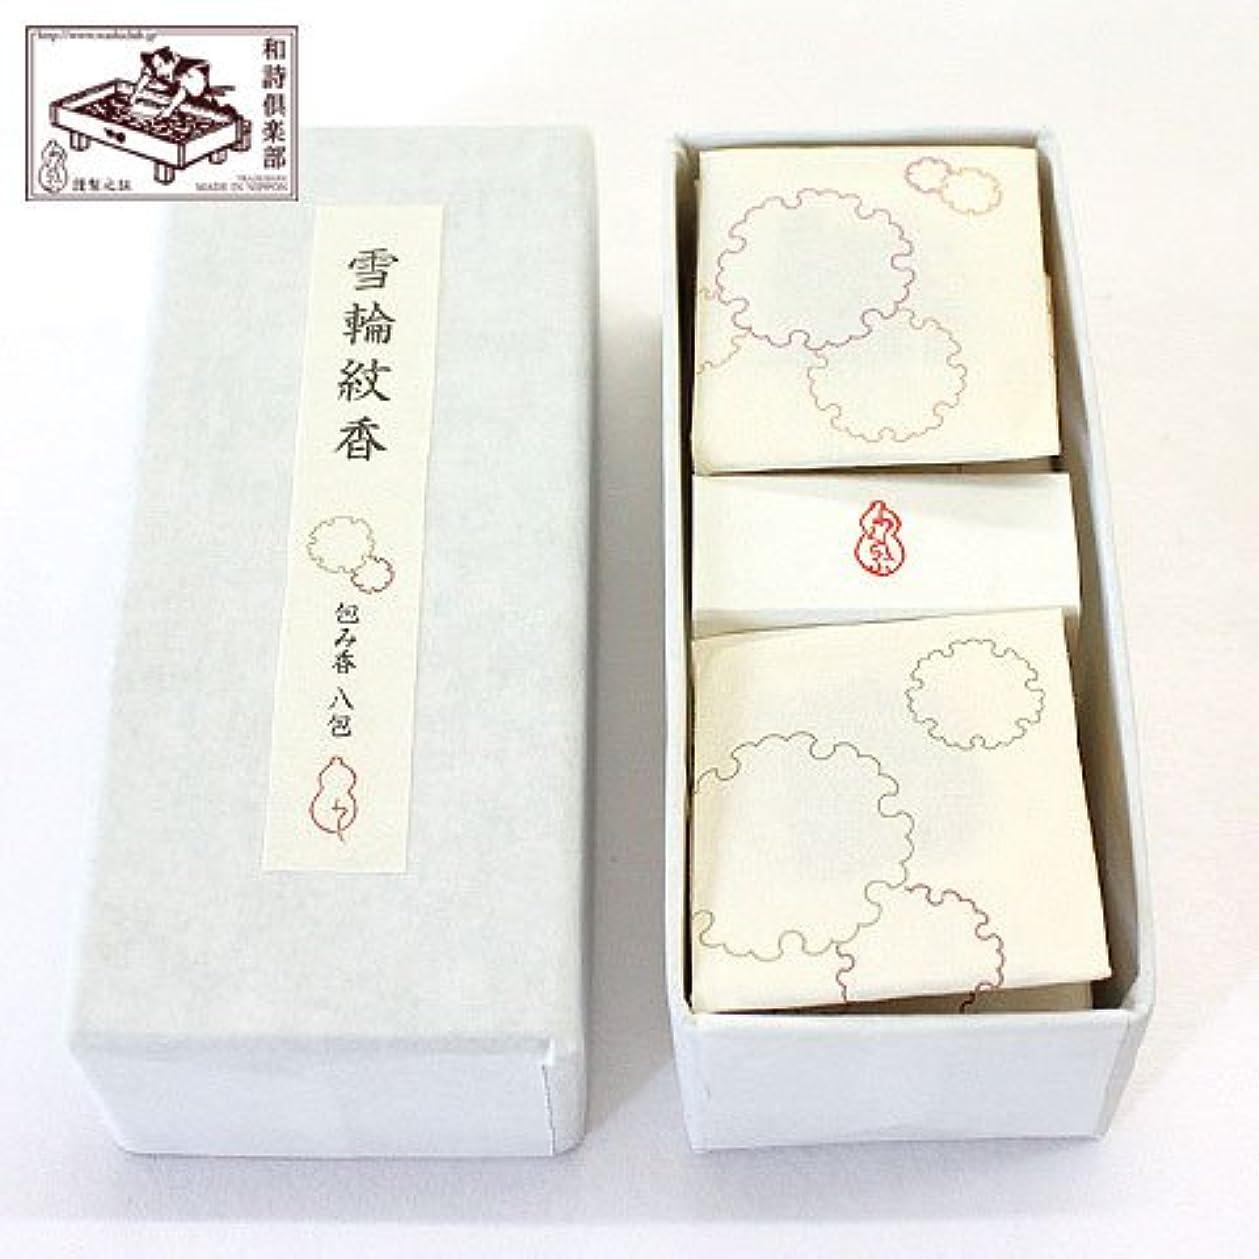 文香包み香雪輪紋香 (TU-017)和詩倶楽部